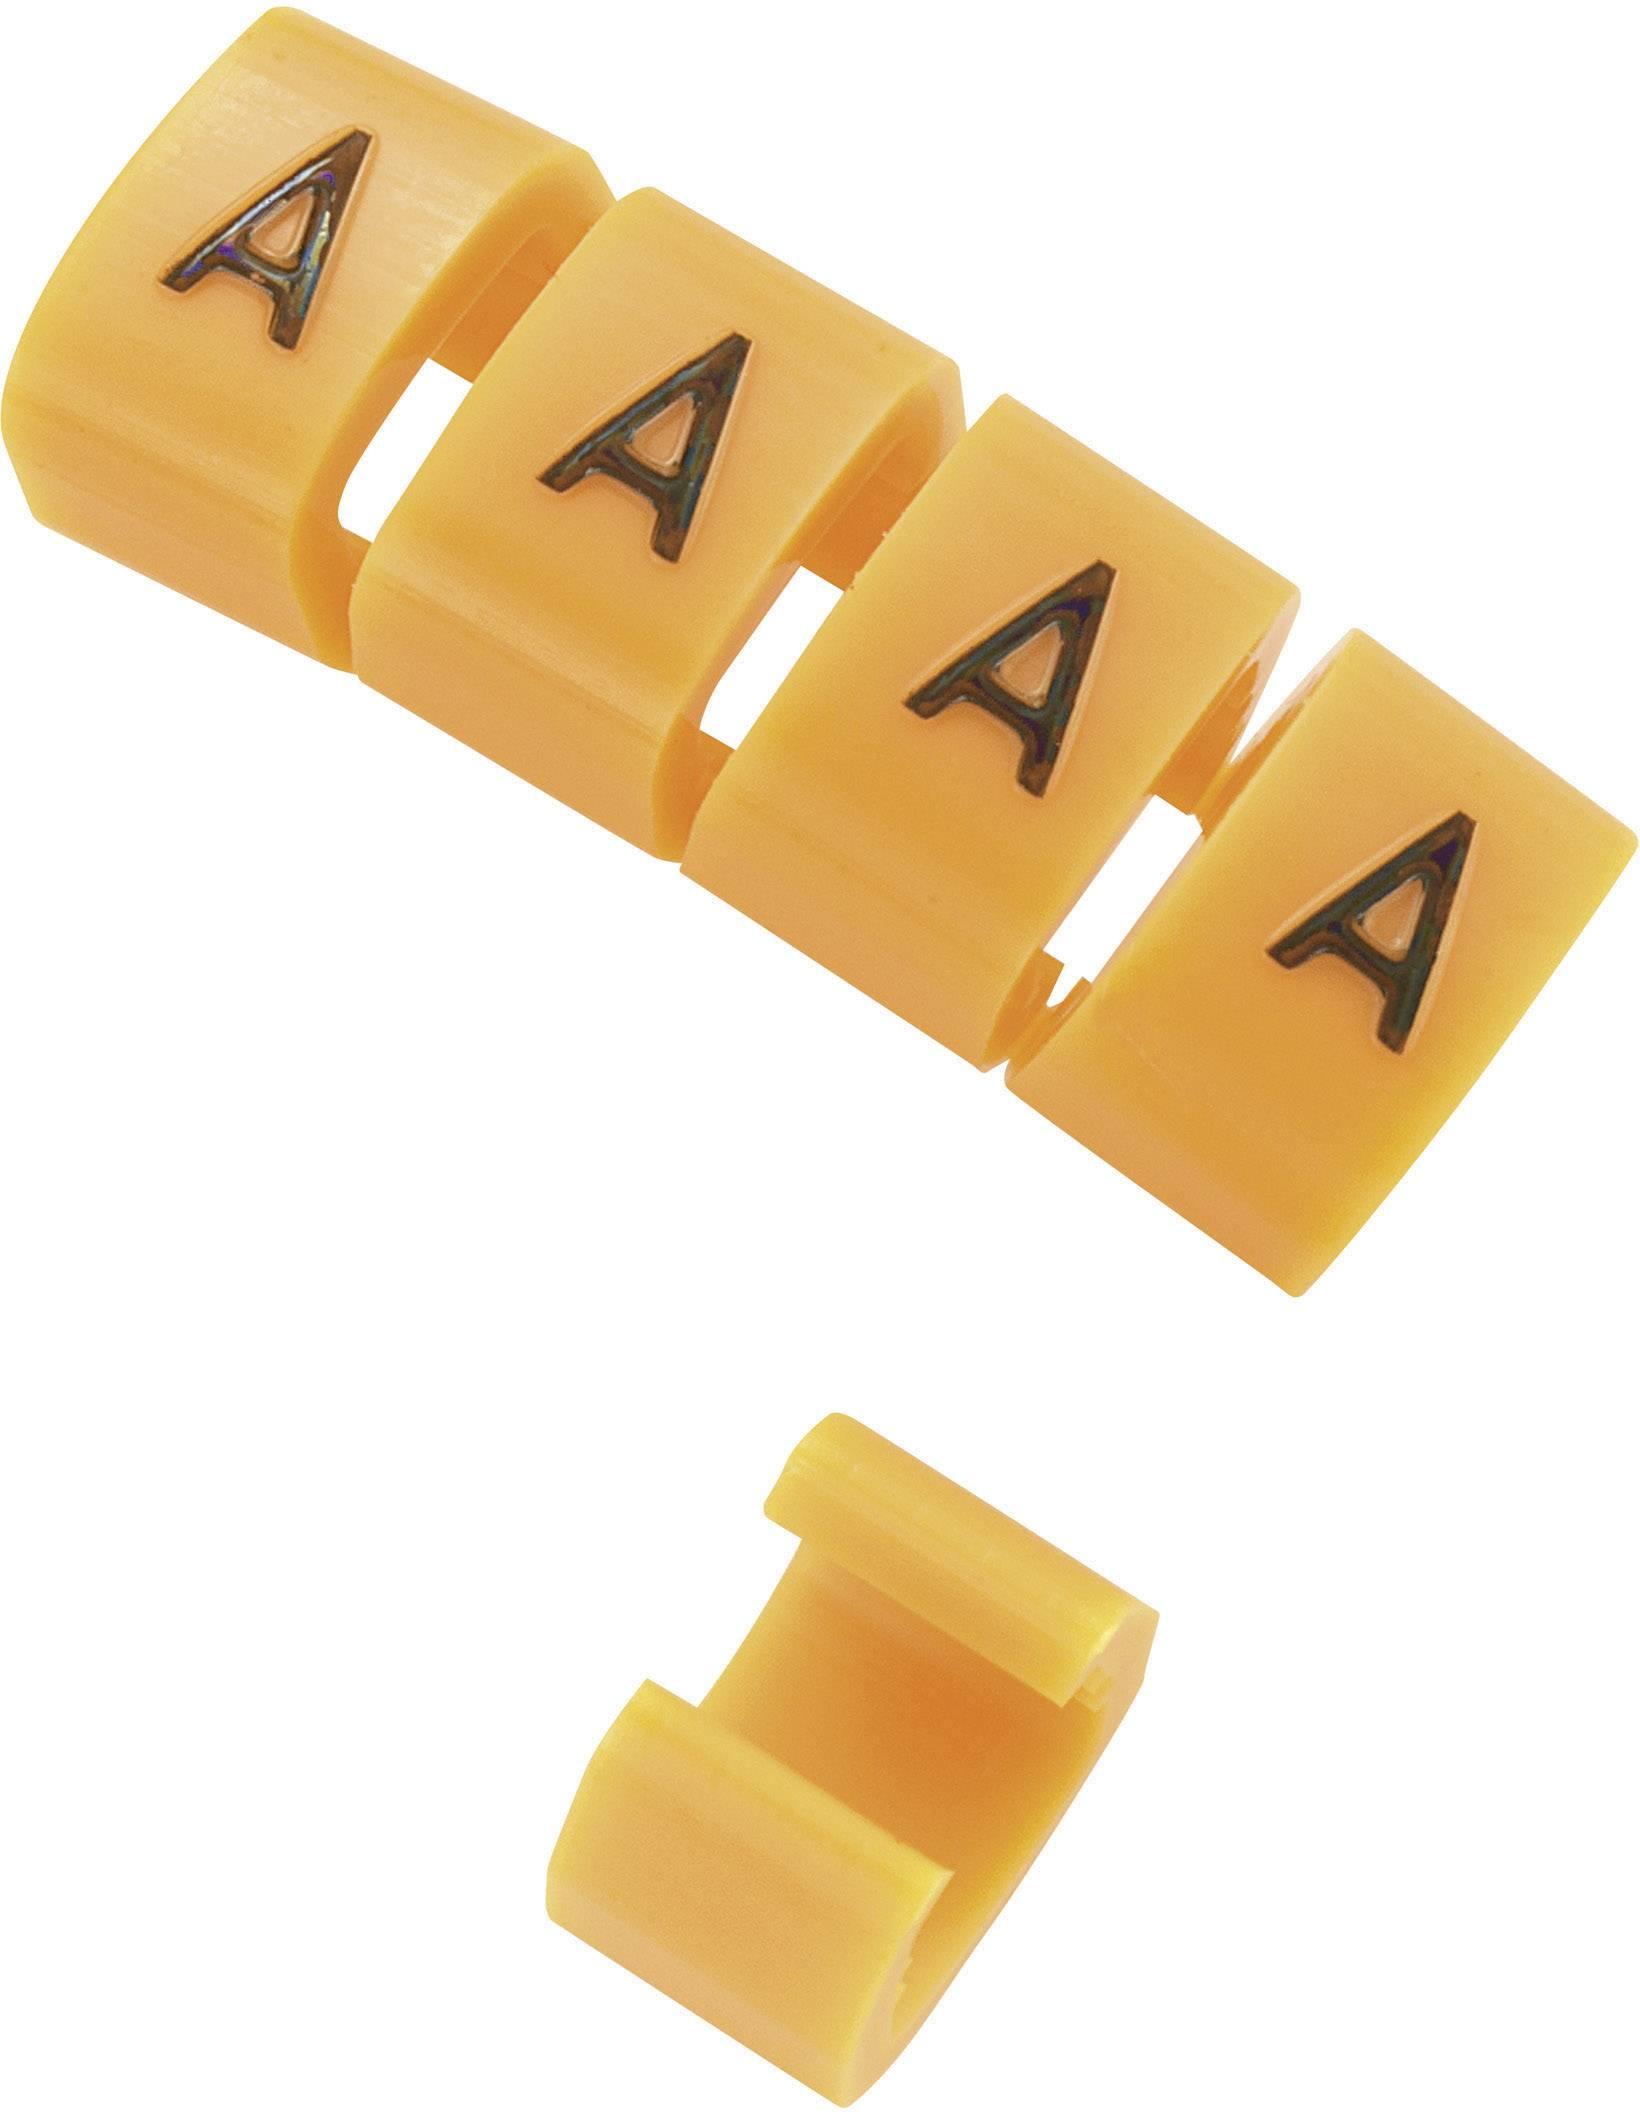 Označovacie objímka na káble KSS MB1/M, oranžová, 10 ks